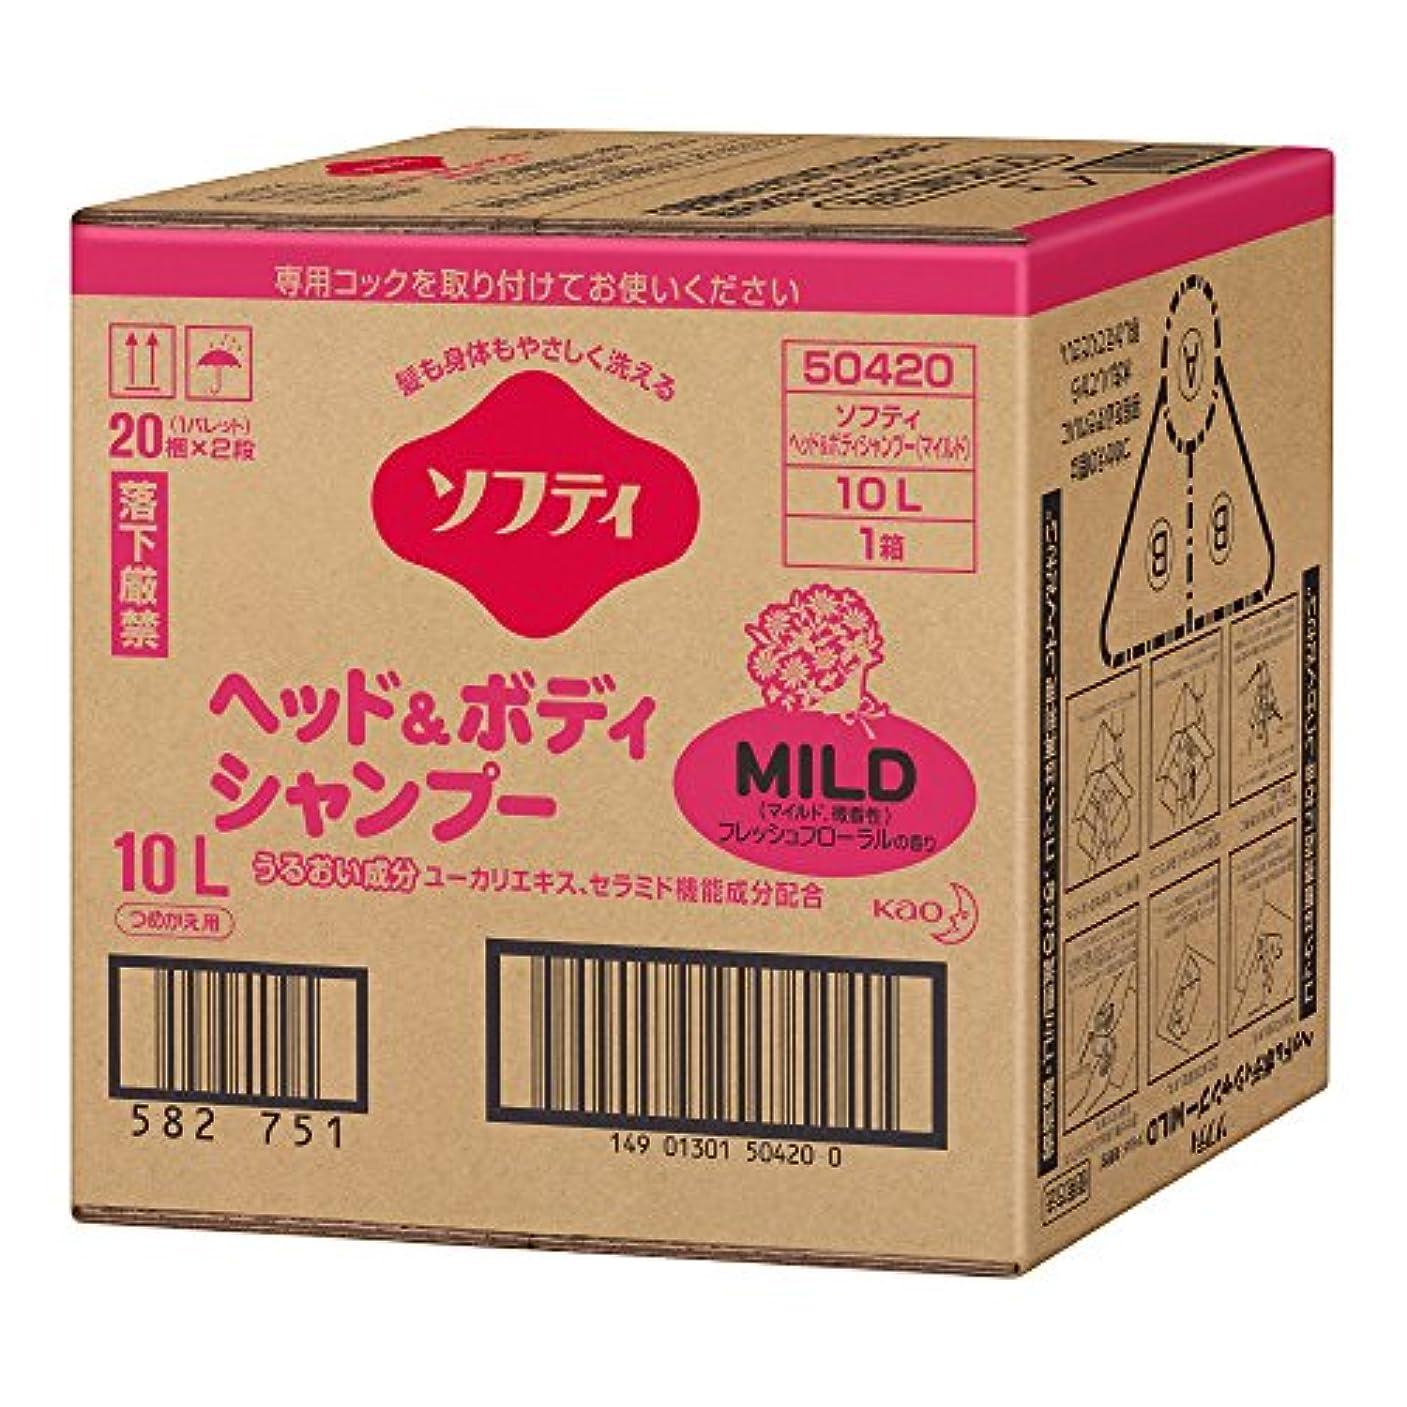 論文反対する宣言するソフティ ヘッド&ボディシャンプーMILD(マイルド) 10L バッグインボックスタイプ (花王プロフェッショナルシリーズ)